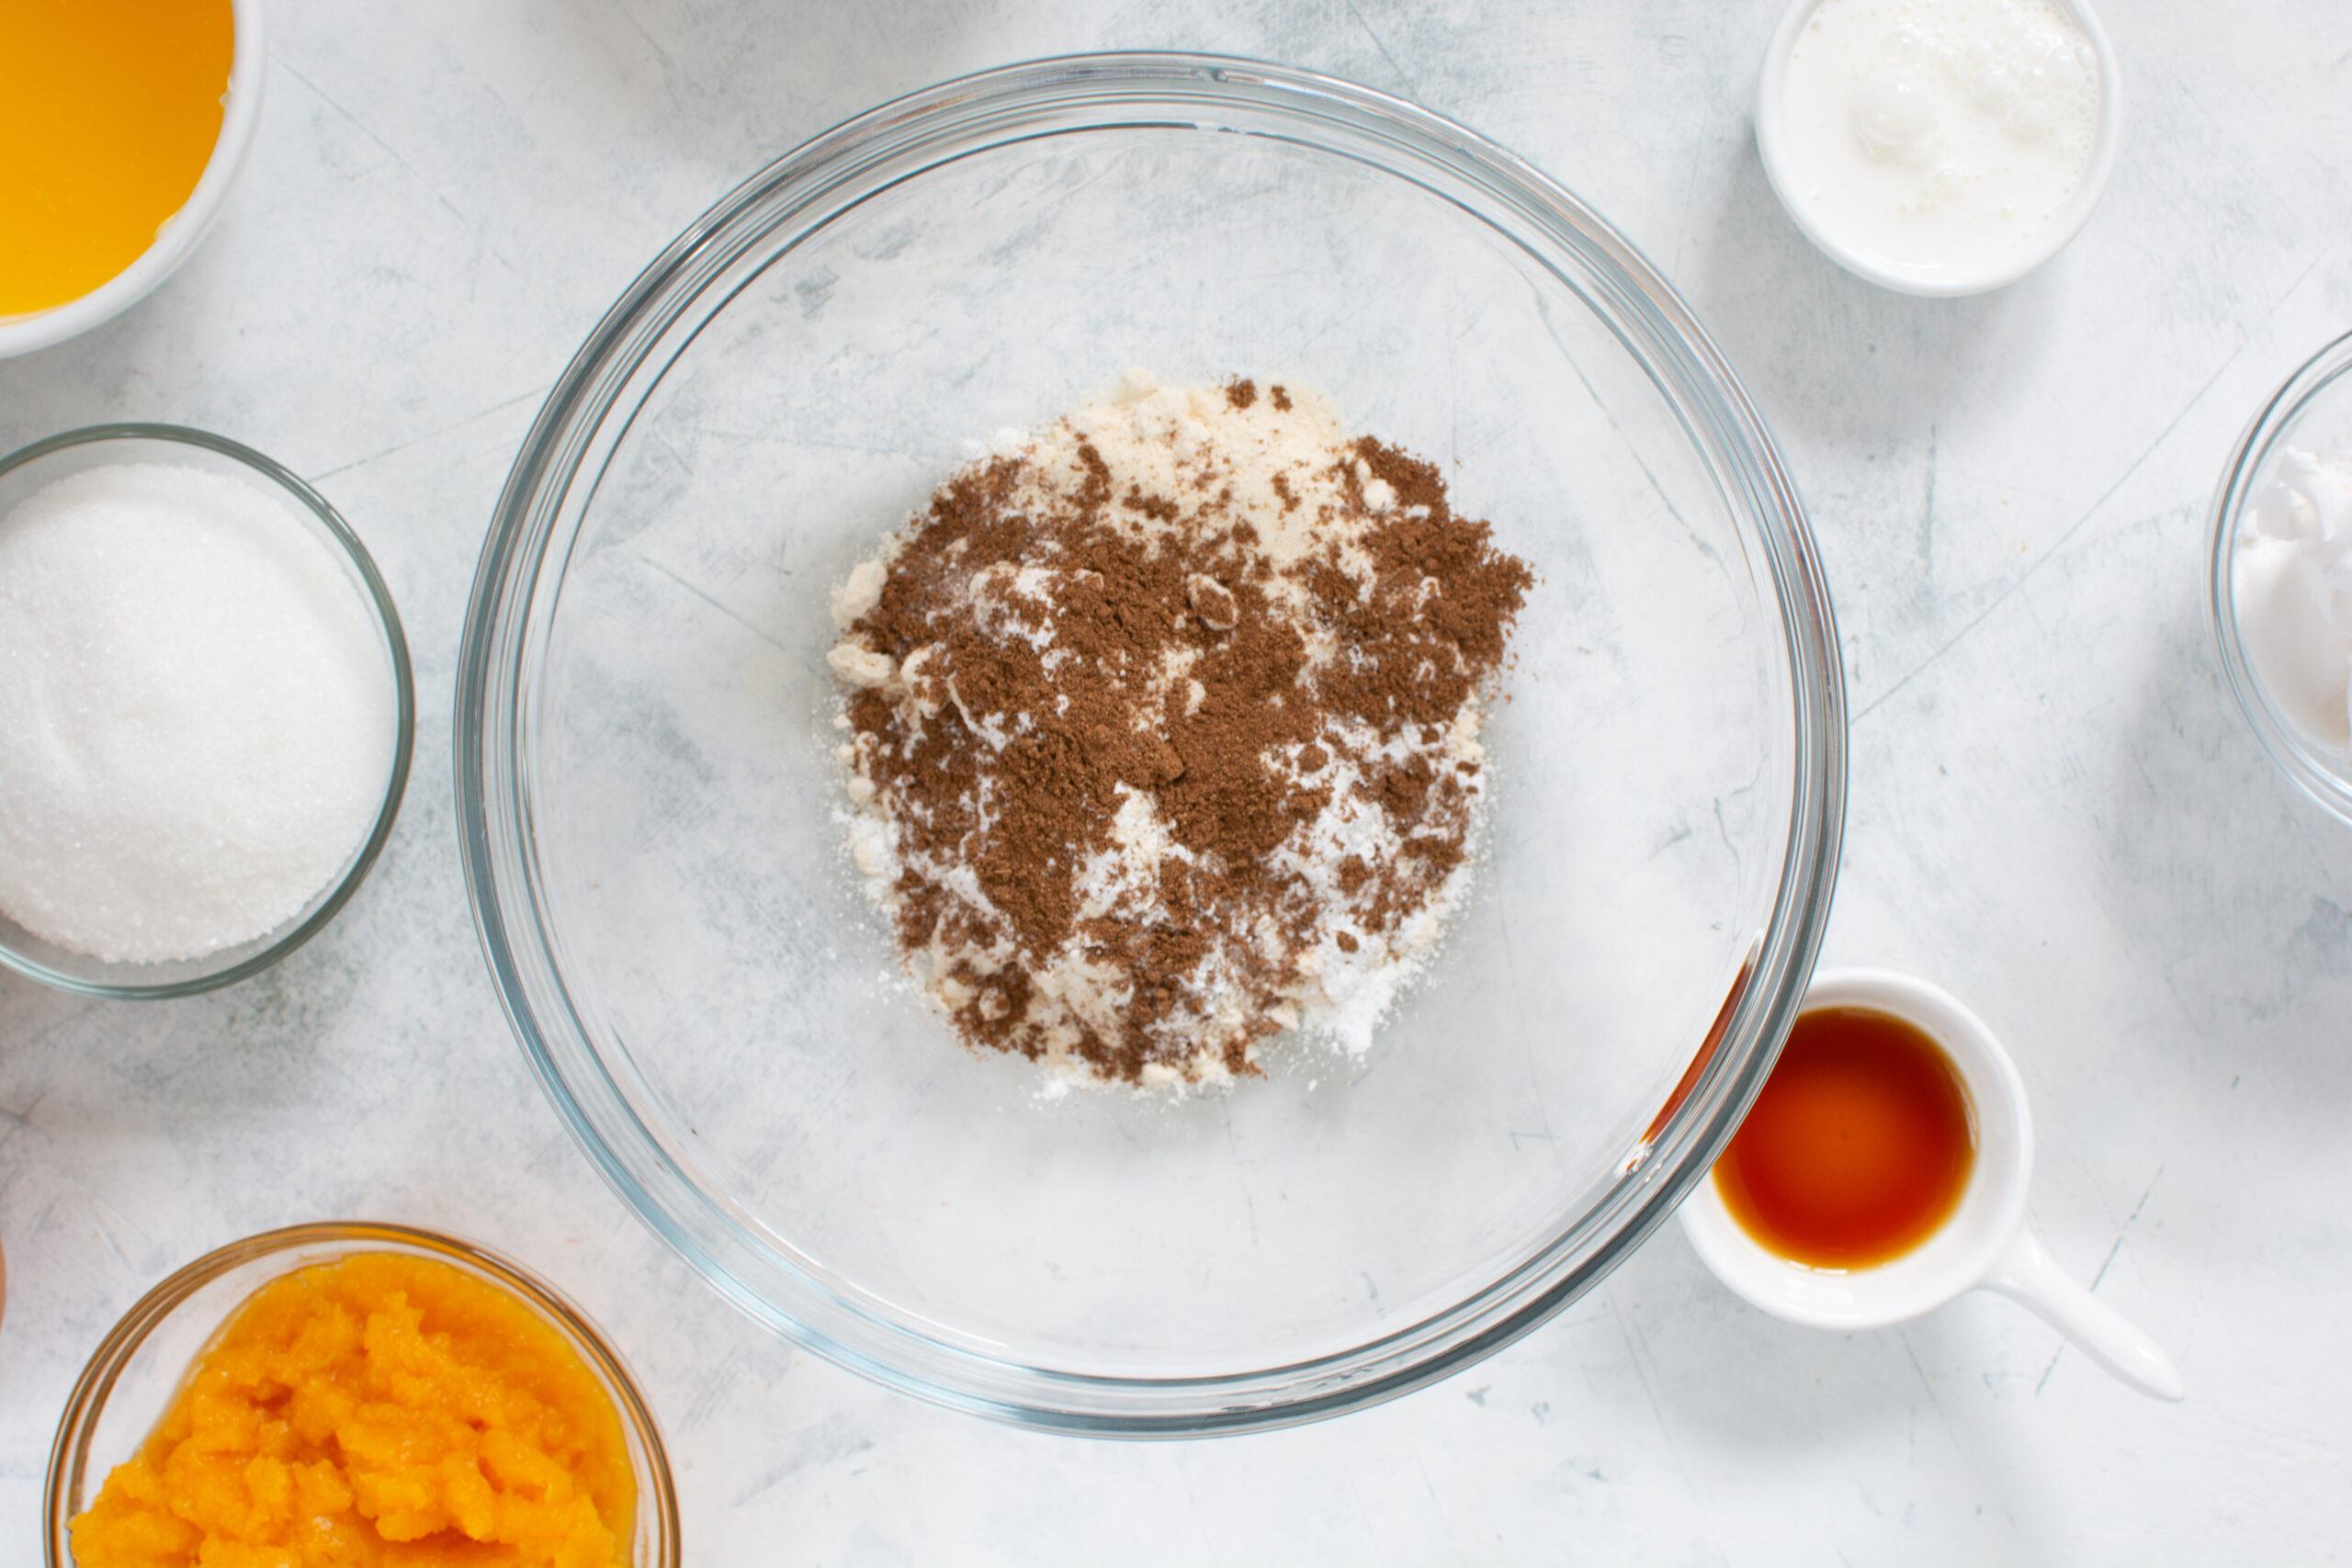 Dry ingredients for making keto pumpkin cookies